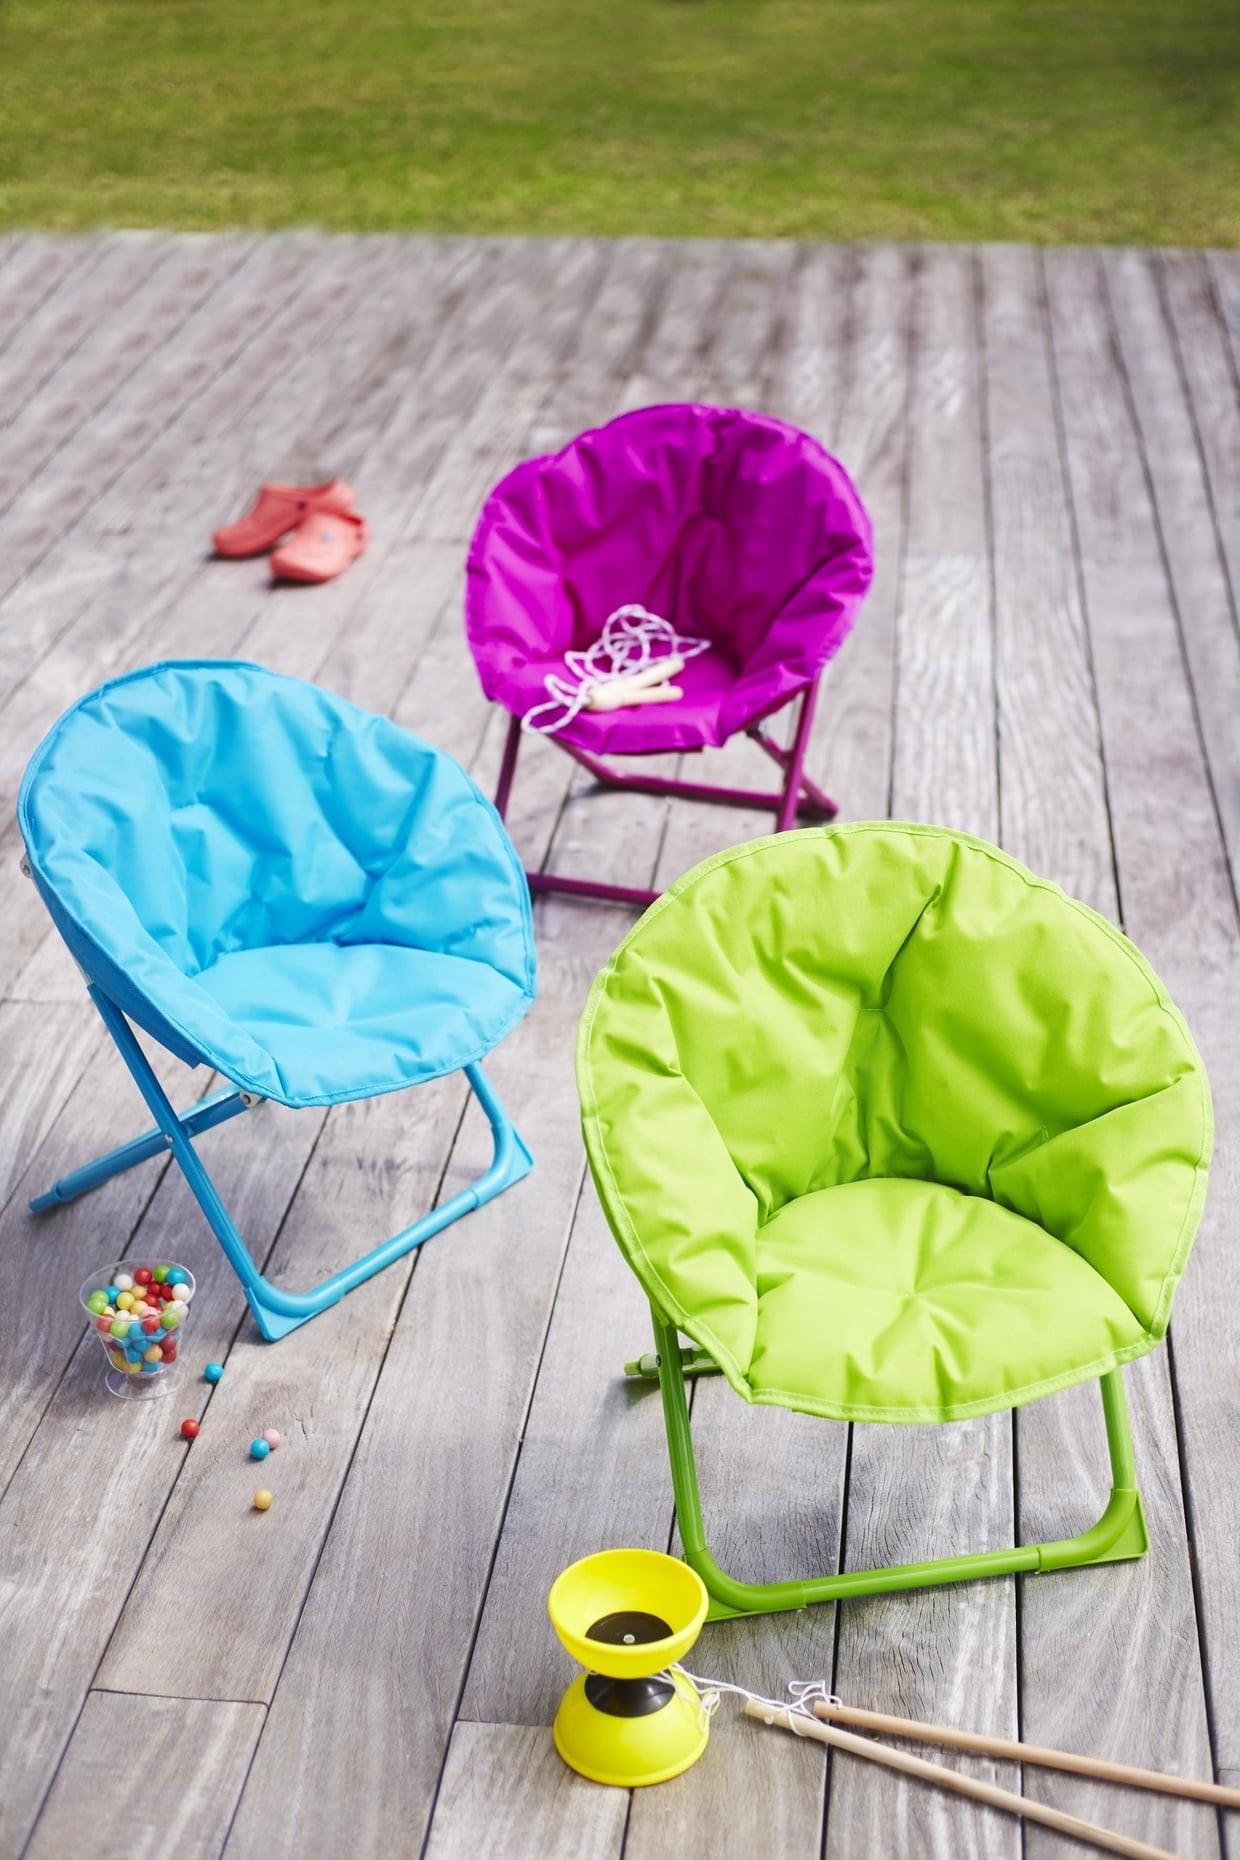 Gifi Clic Clac Élégant Photographie Admiré Table De Jardin Gifi De Plus Incroyable Extérieur Modes Idées